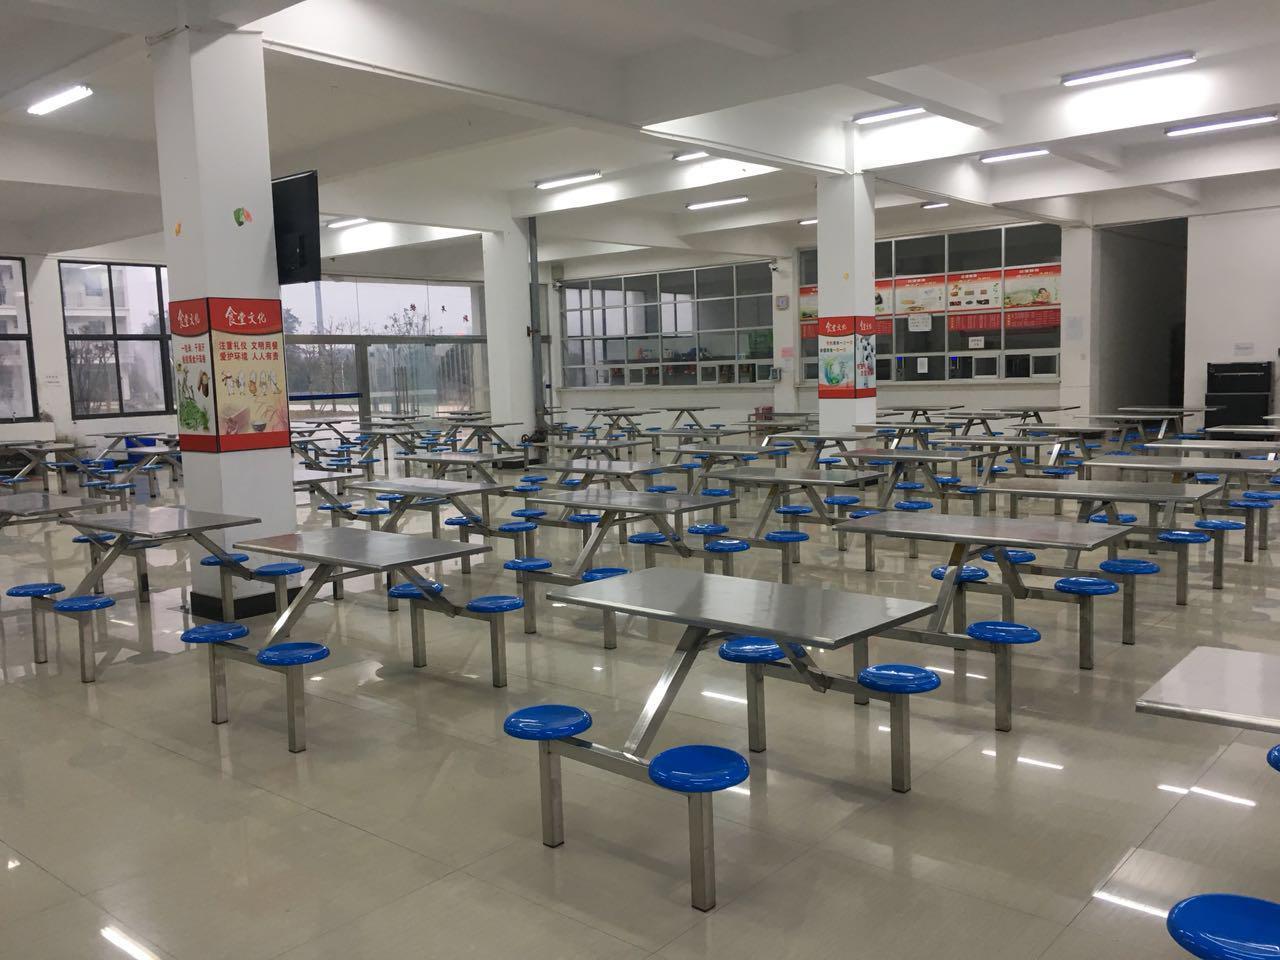 宜昌食堂管理服务公司哪家靠谱,学校膳食托管